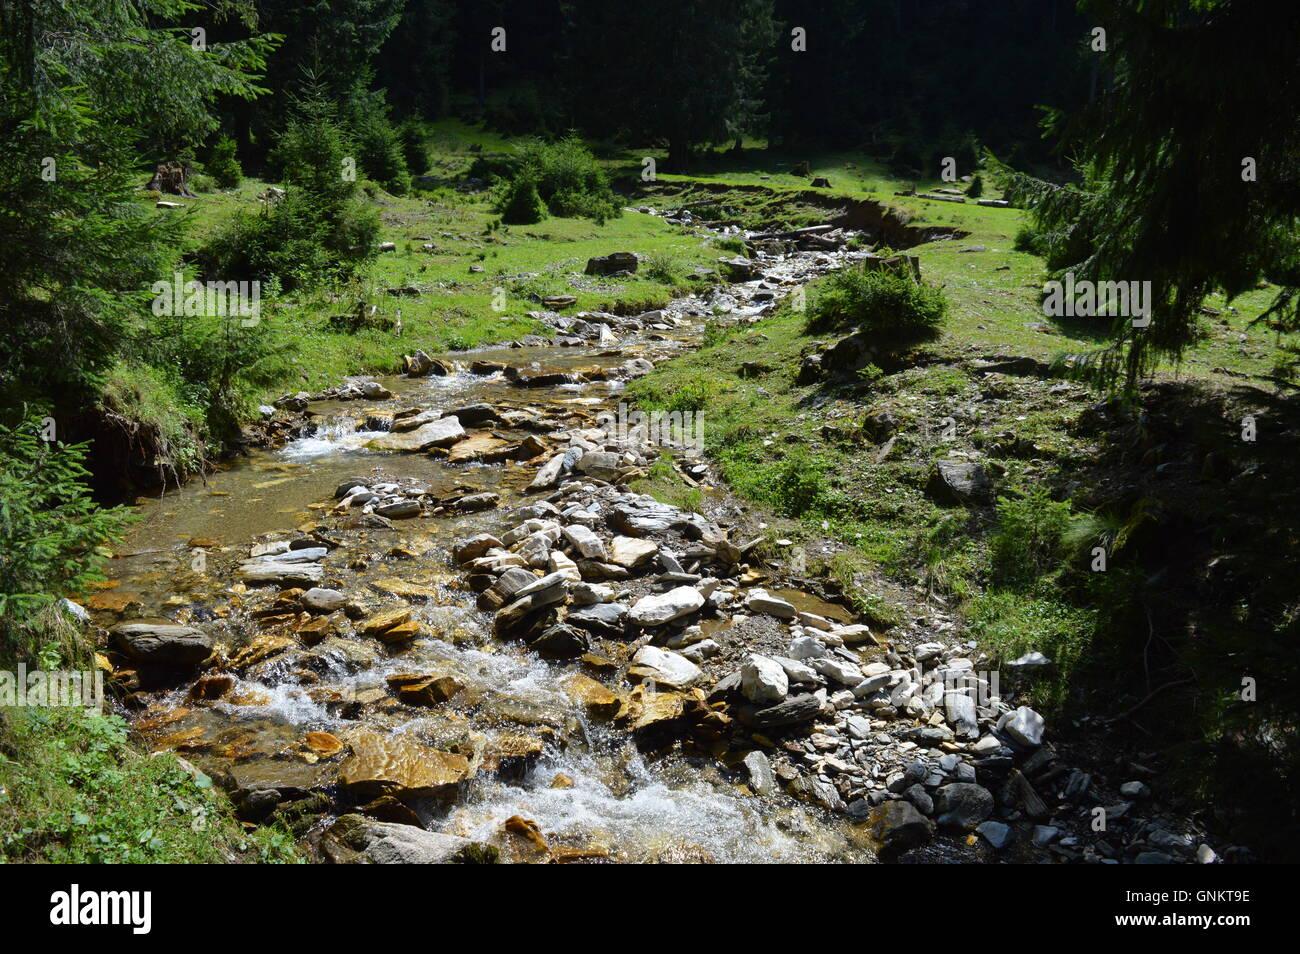 A mountain river through a glade - Stock Image